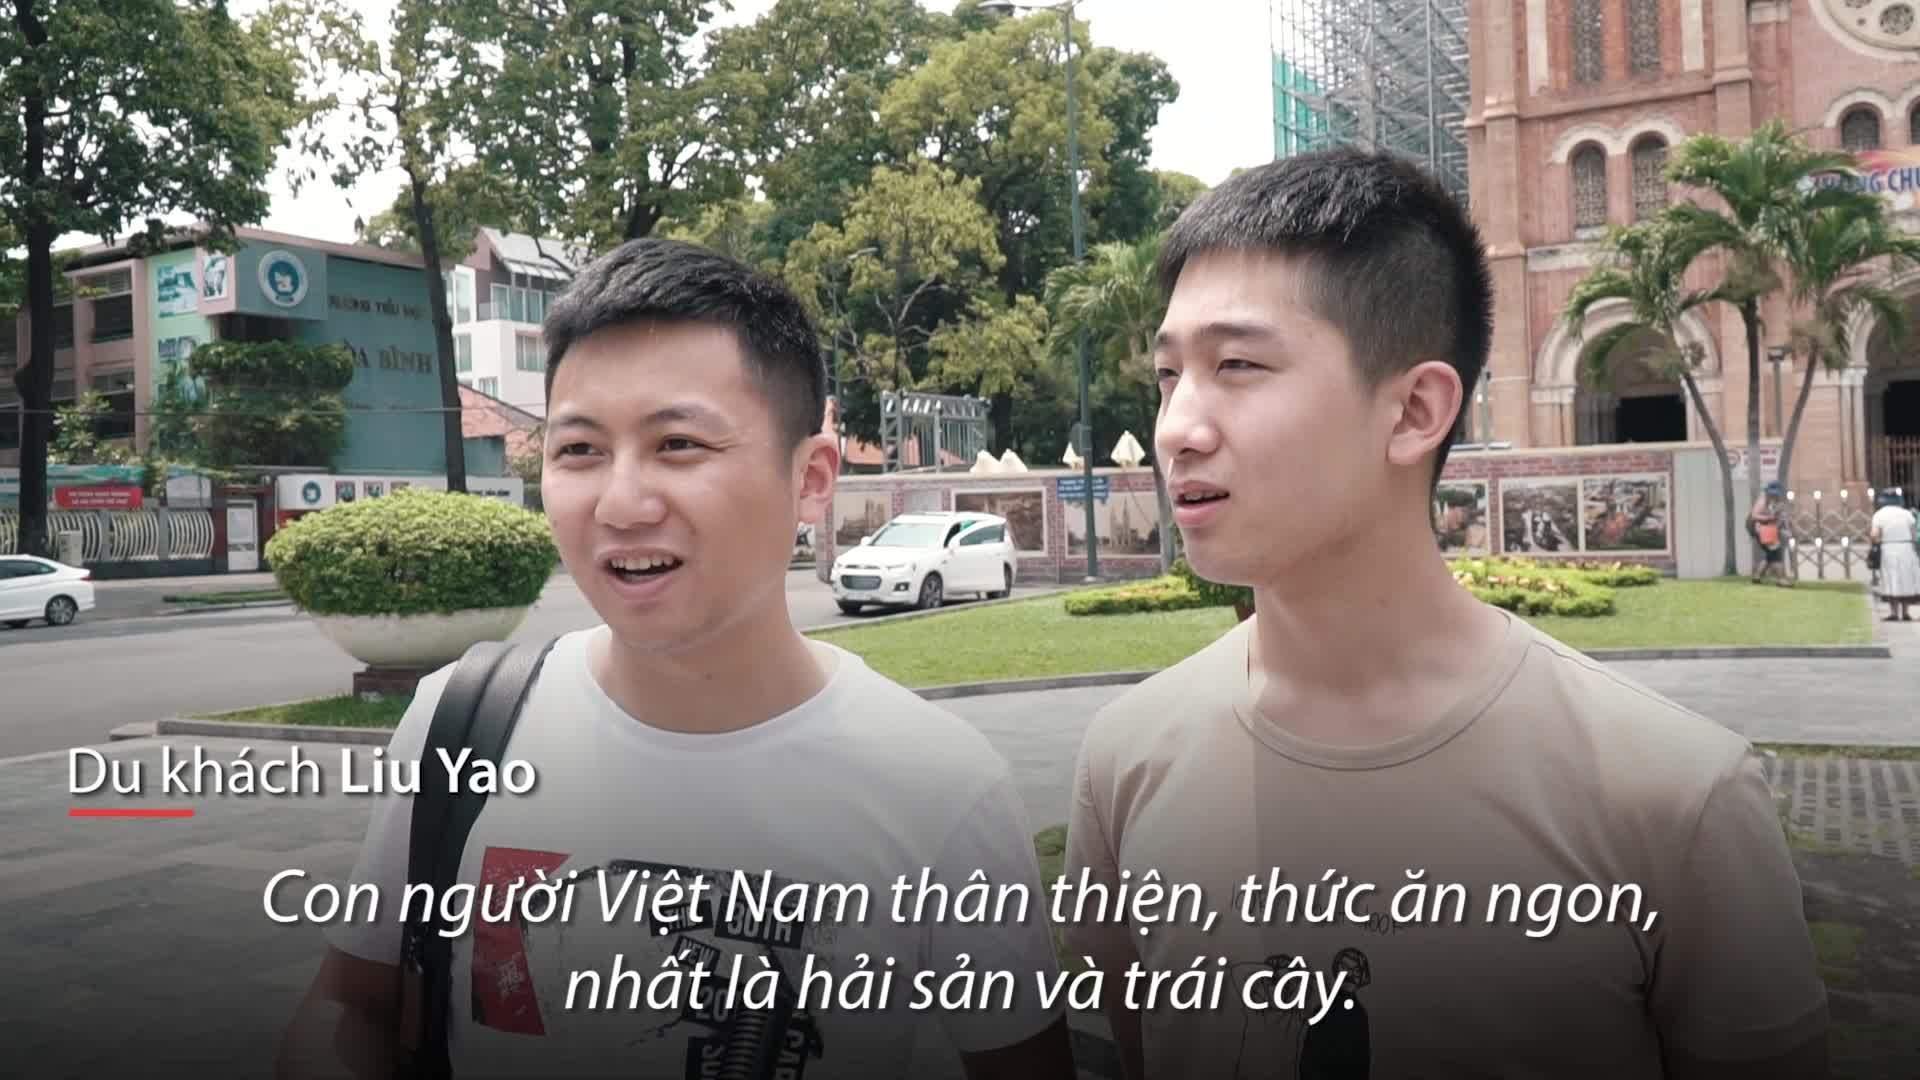 Vì sao khách Trung Quốc thích đến Việt Nam?